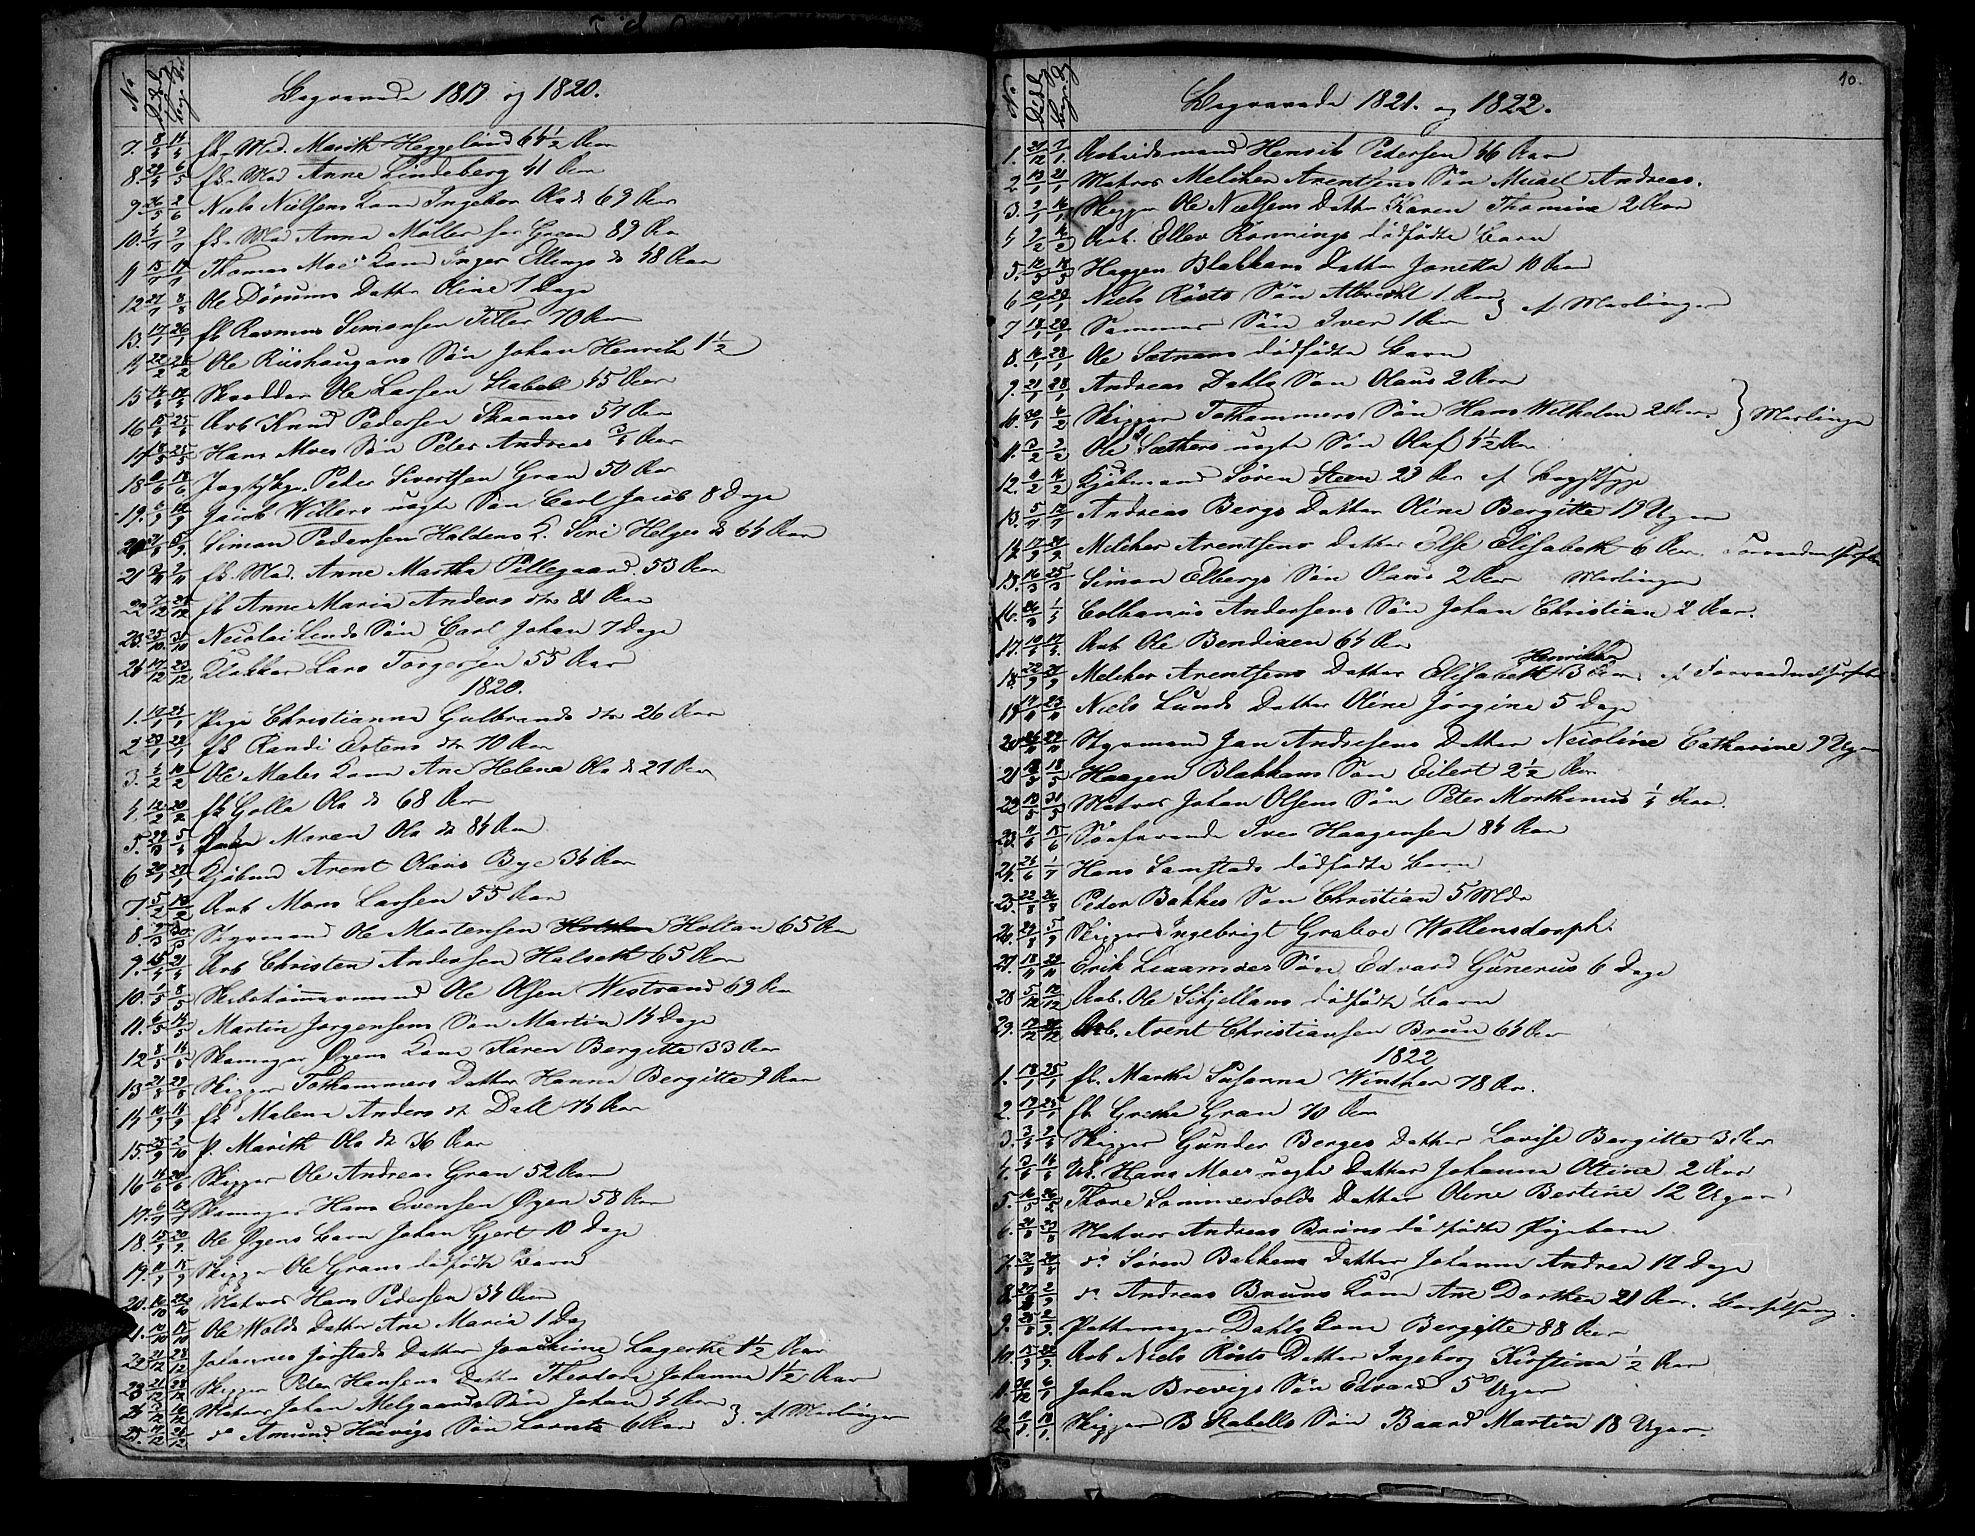 SAT, Ministerialprotokoller, klokkerbøker og fødselsregistre - Sør-Trøndelag, 604/L0182: Ministerialbok nr. 604A03, 1818-1850, s. 10